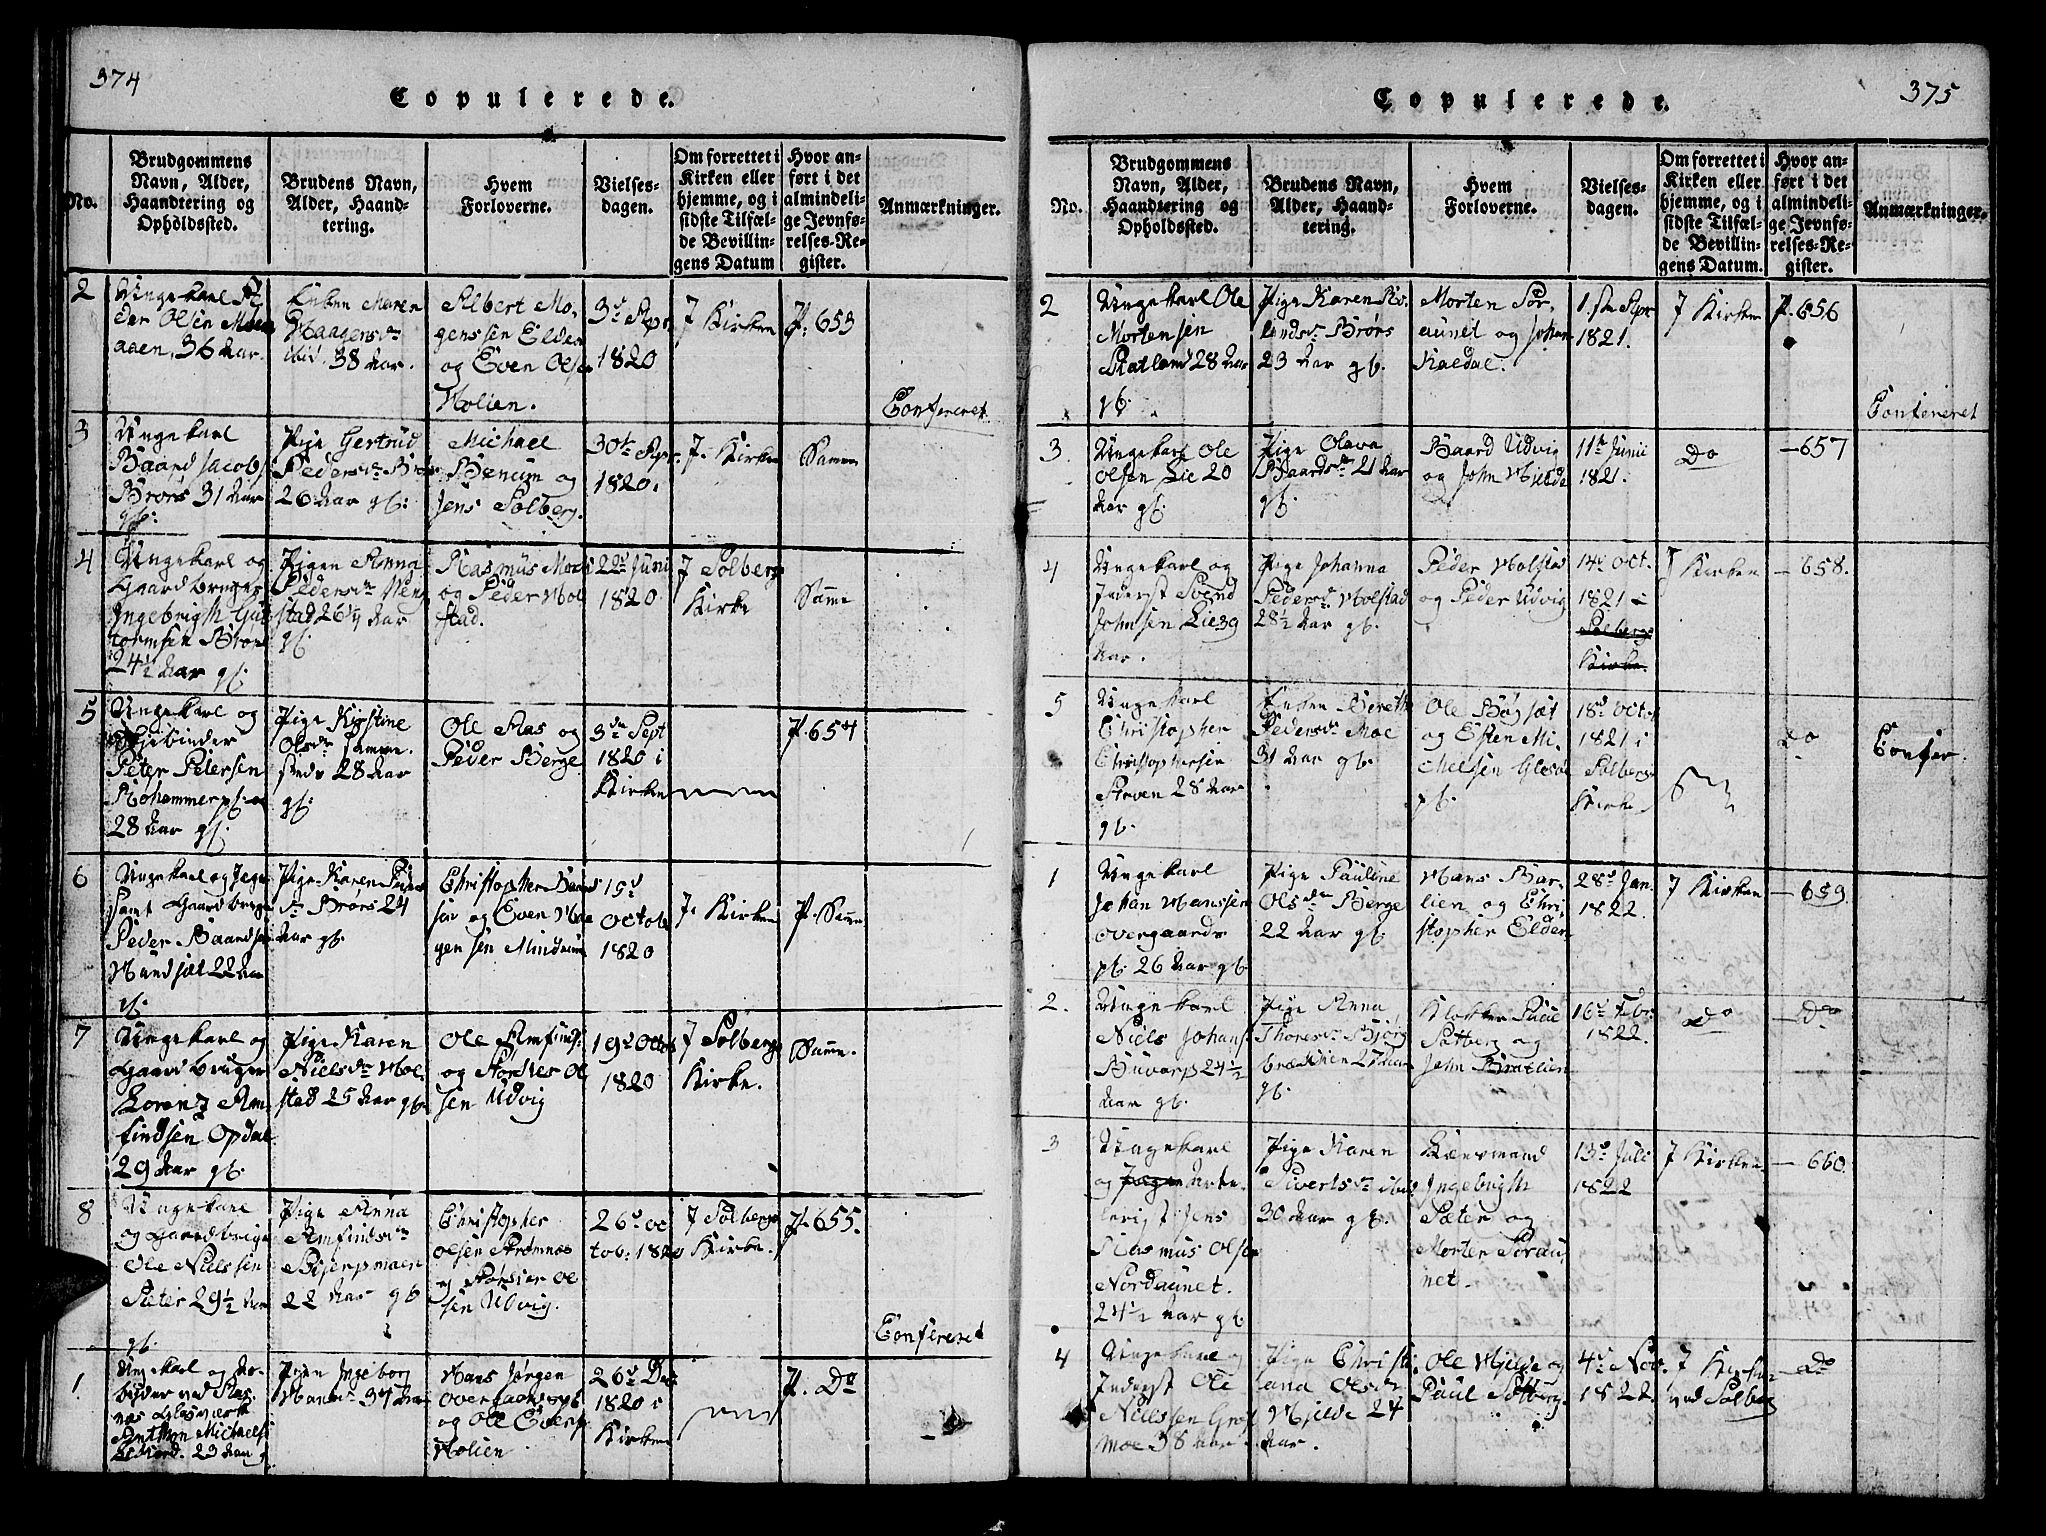 SAT, Ministerialprotokoller, klokkerbøker og fødselsregistre - Nord-Trøndelag, 742/L0411: Klokkerbok nr. 742C02, 1817-1825, s. 374-375